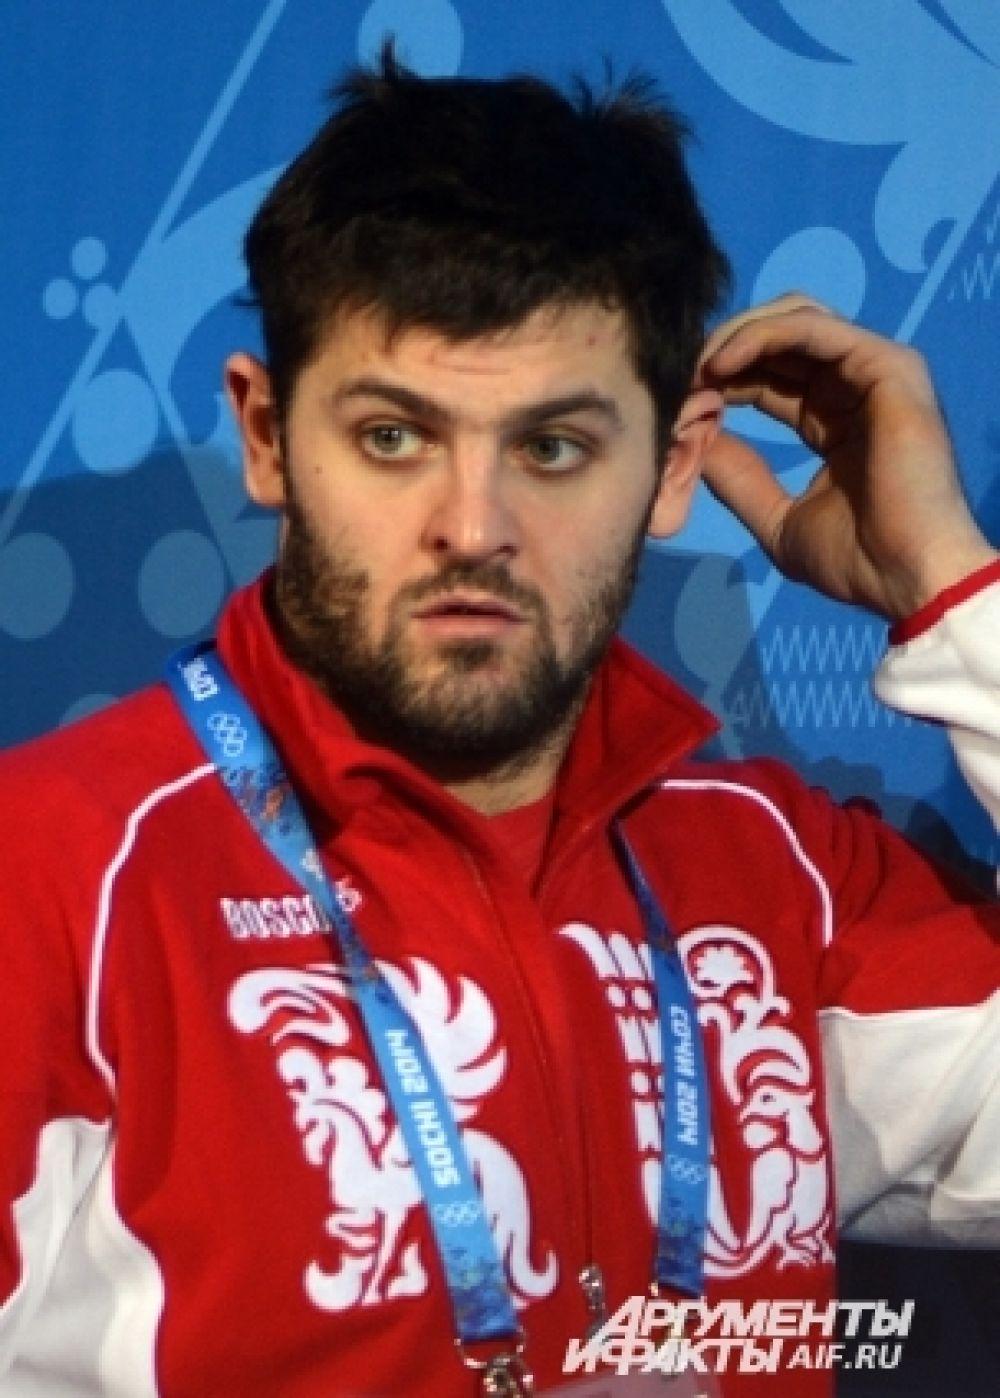 Александр Радулов - ещё один российский форвард, успевший поиграть в НХЛ, сейчас играющий в России. Сейчас Радулов является игроком московского ЦСКА.